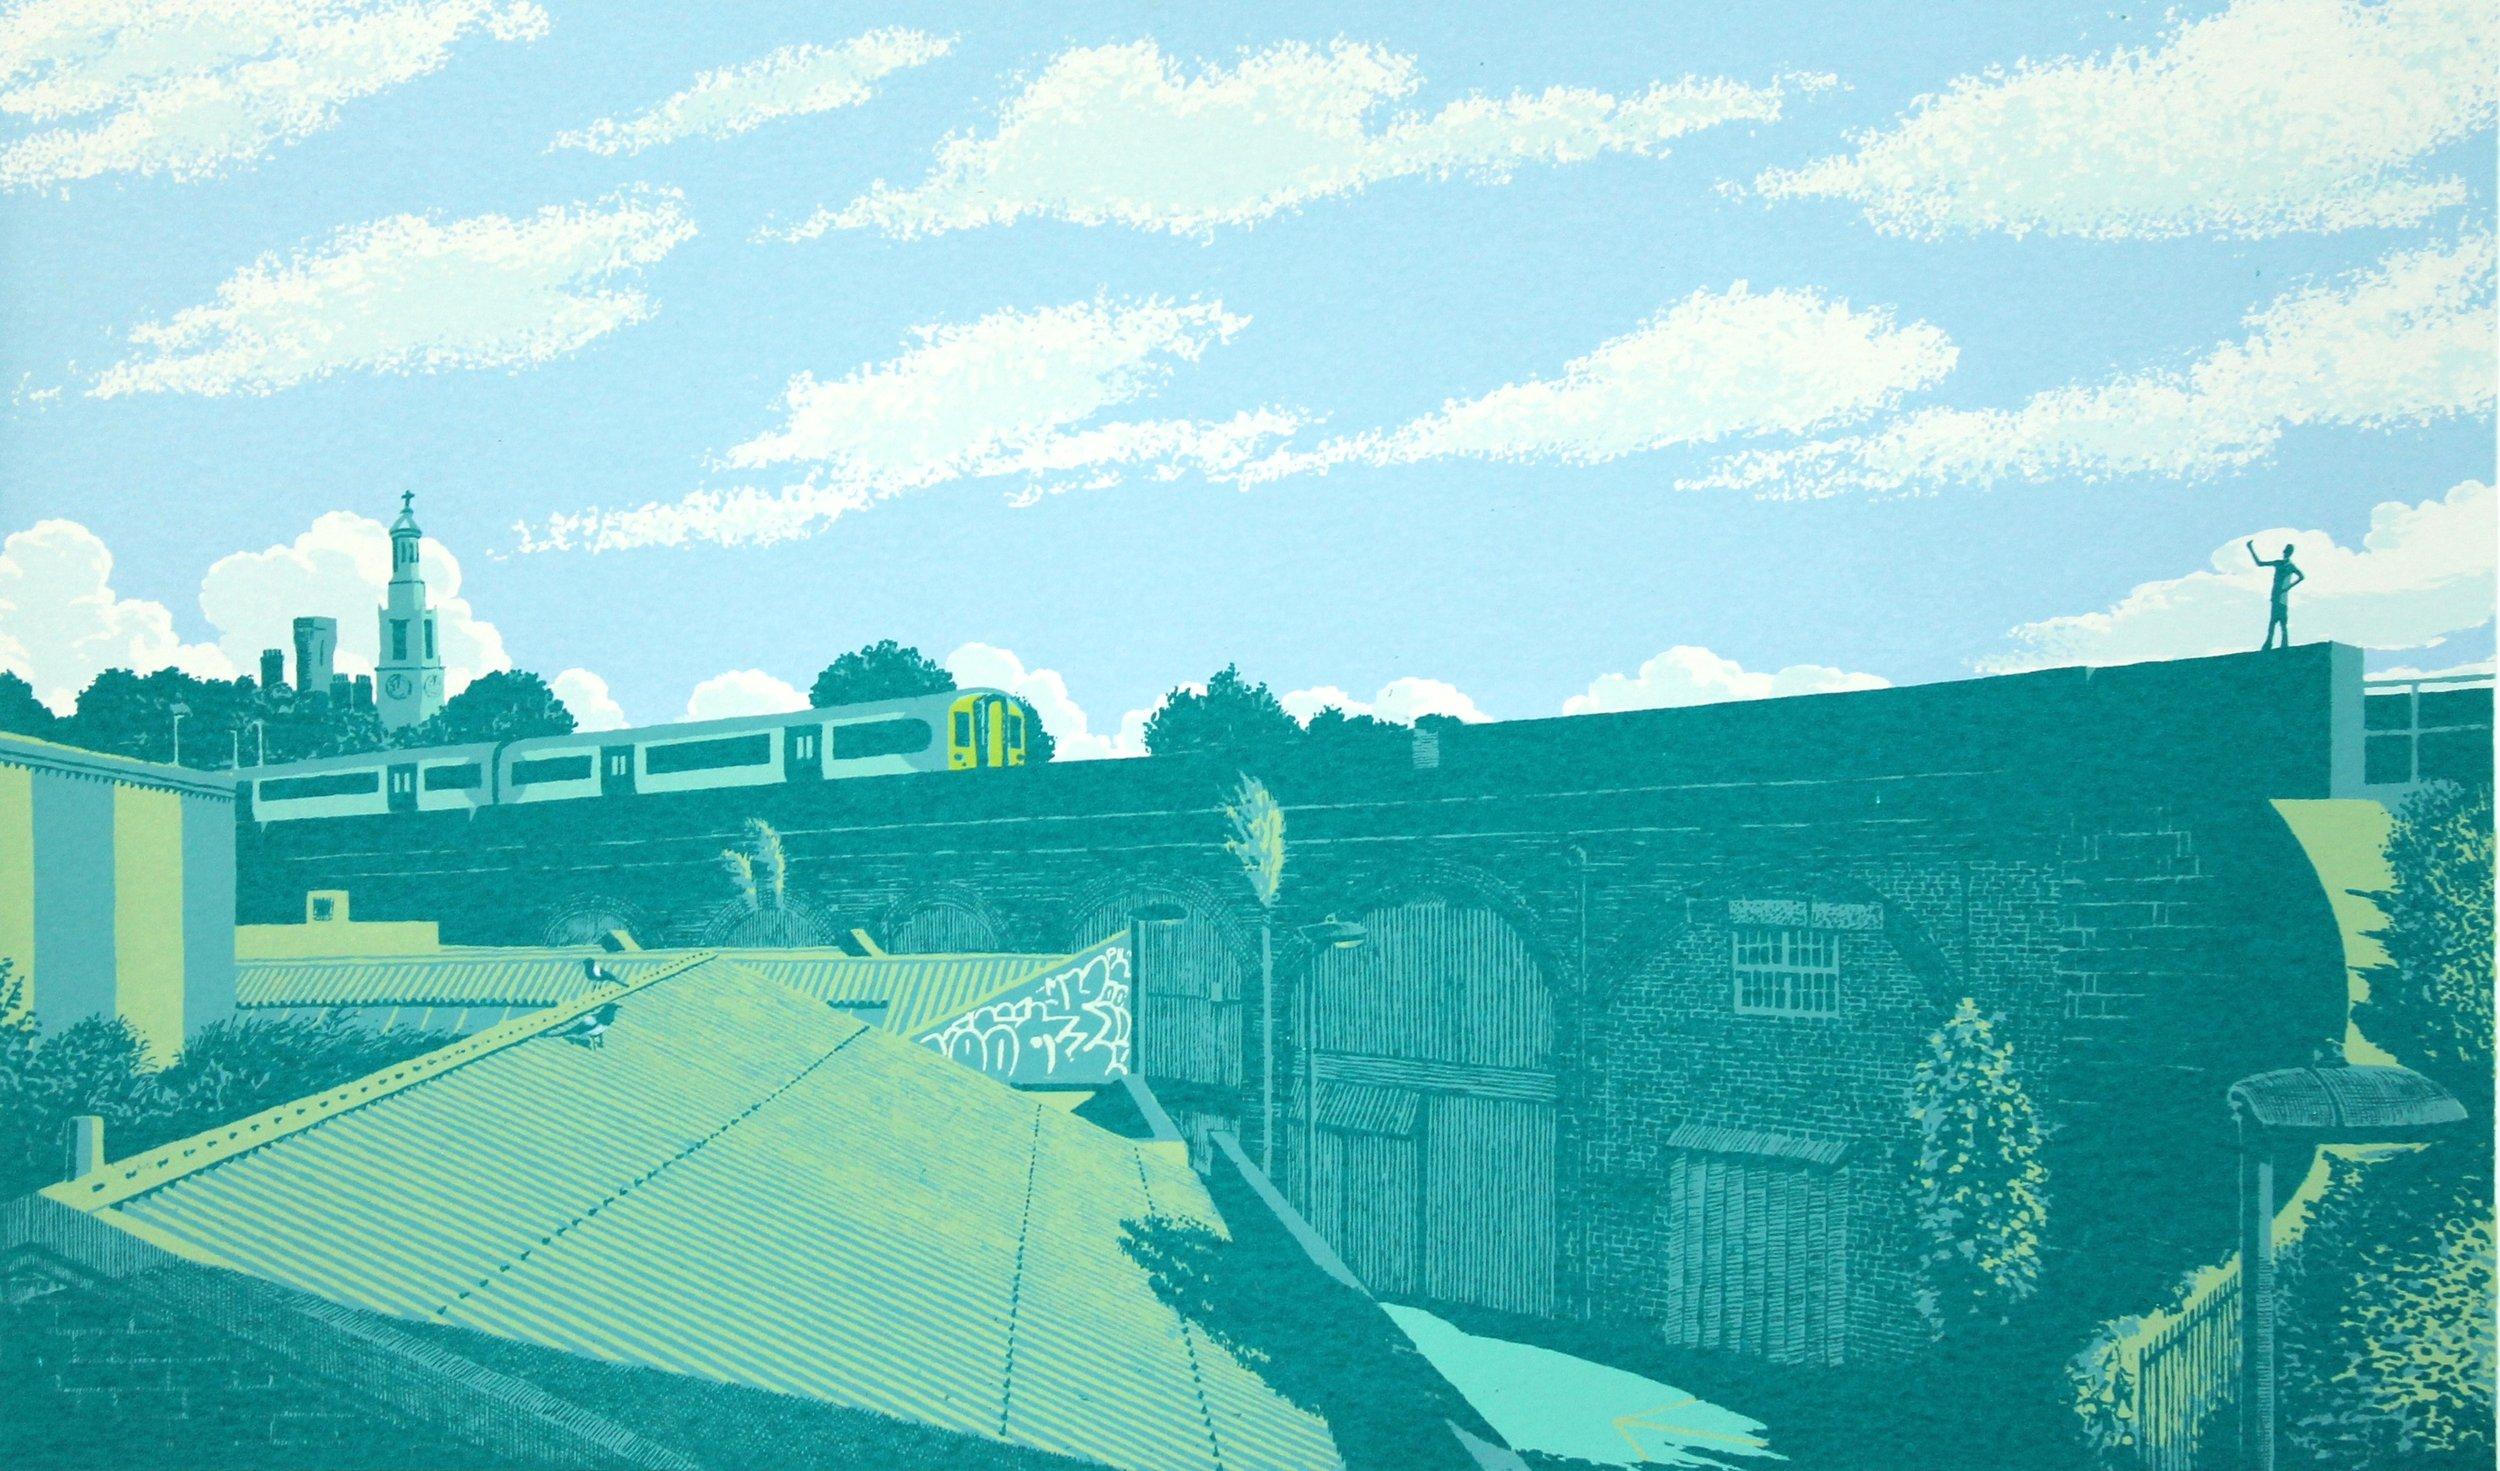 West Norwood Skyline (blue)